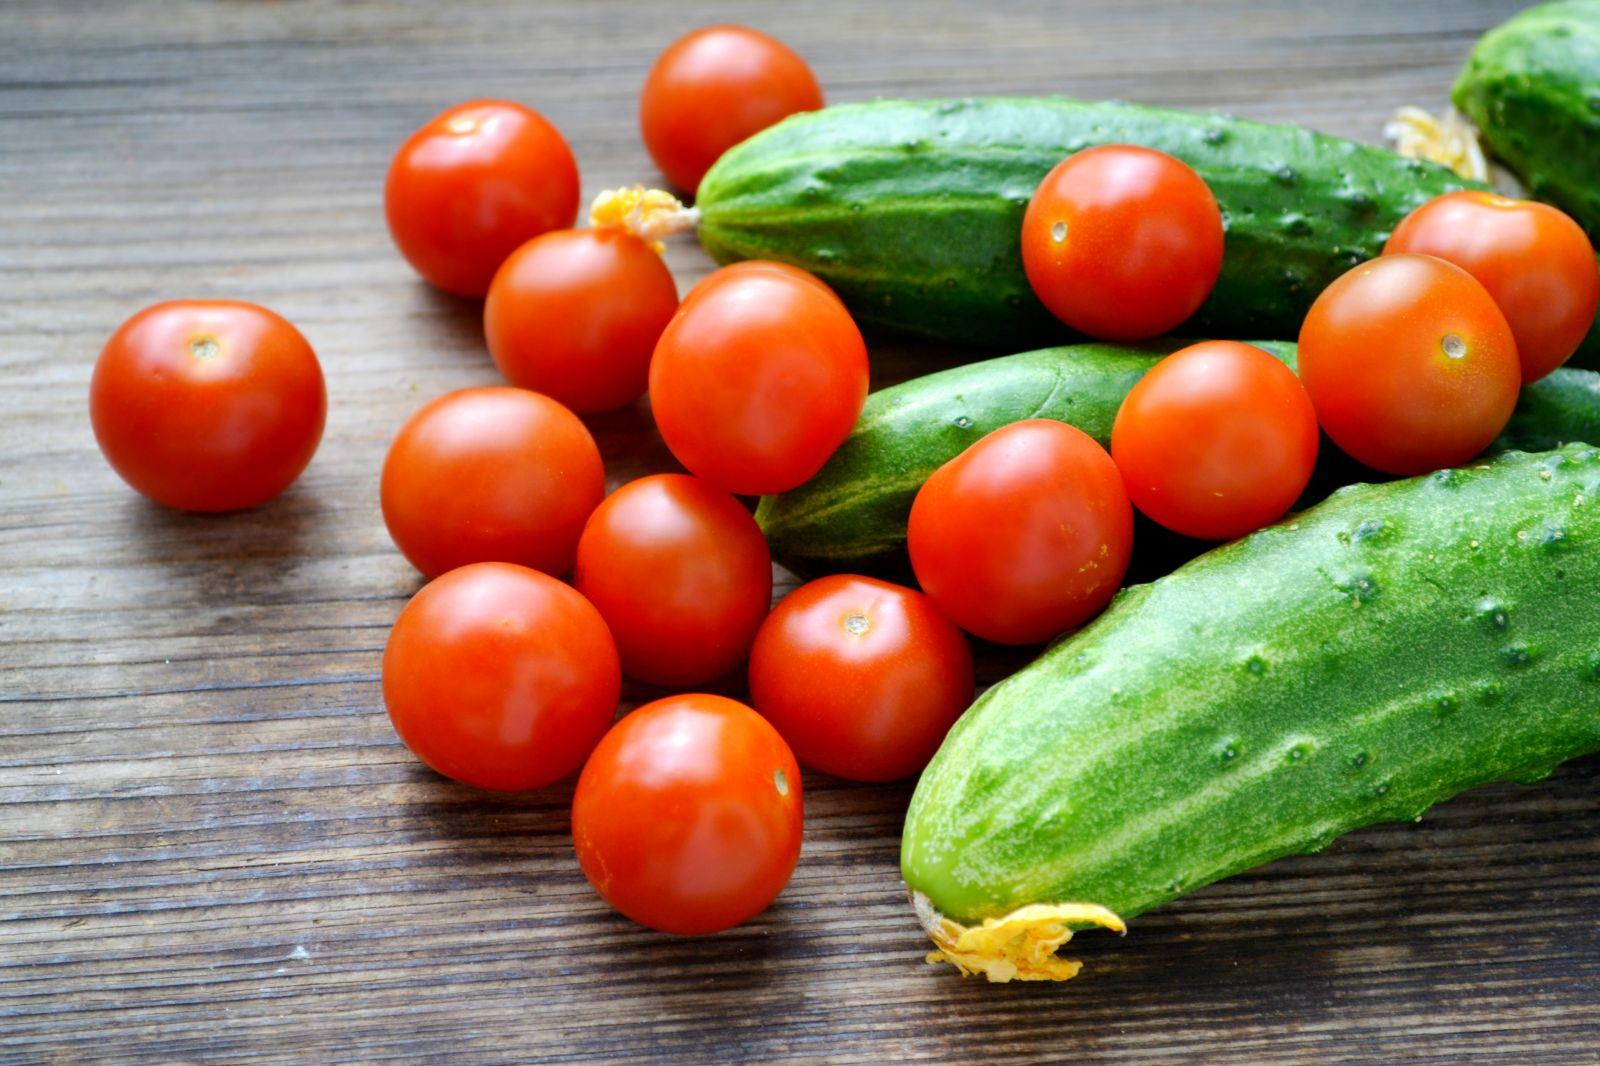 Огірки подорожчали, томати – подешевшали: ціни на овочі та ягоди